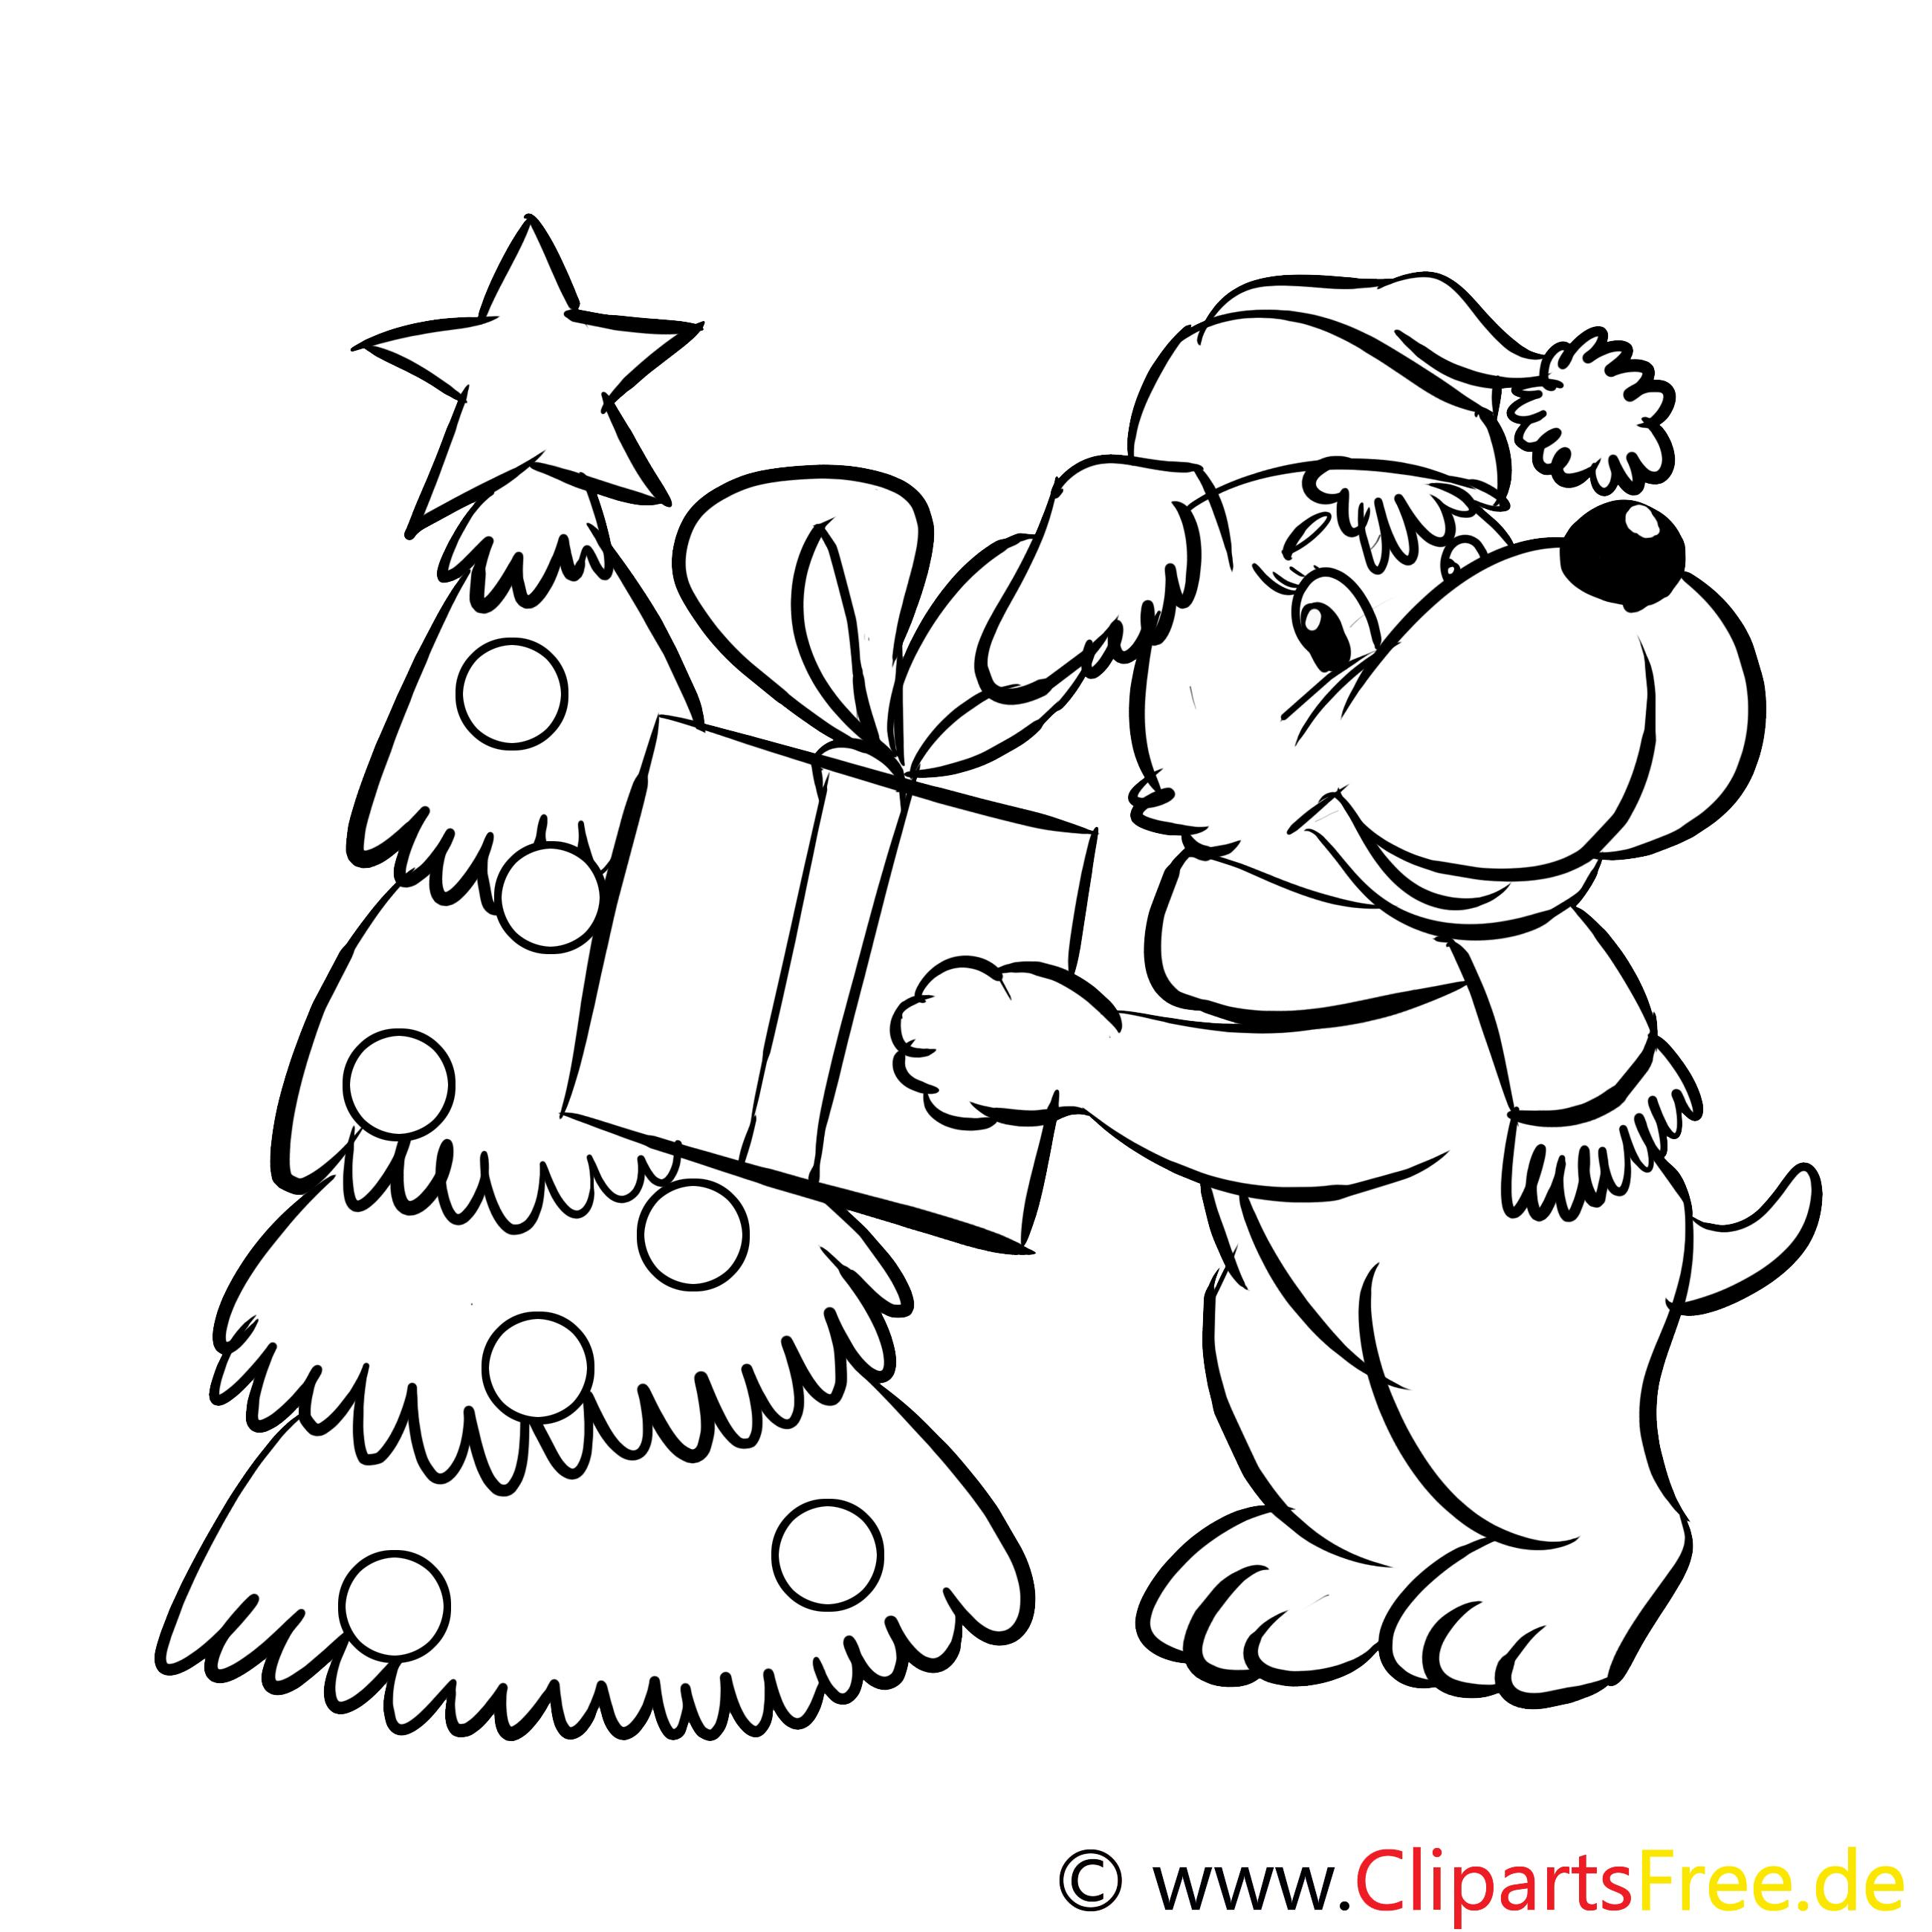 Hund Geschenk Ausmalbild, Malvorlage zum Drucken und Ausmalen